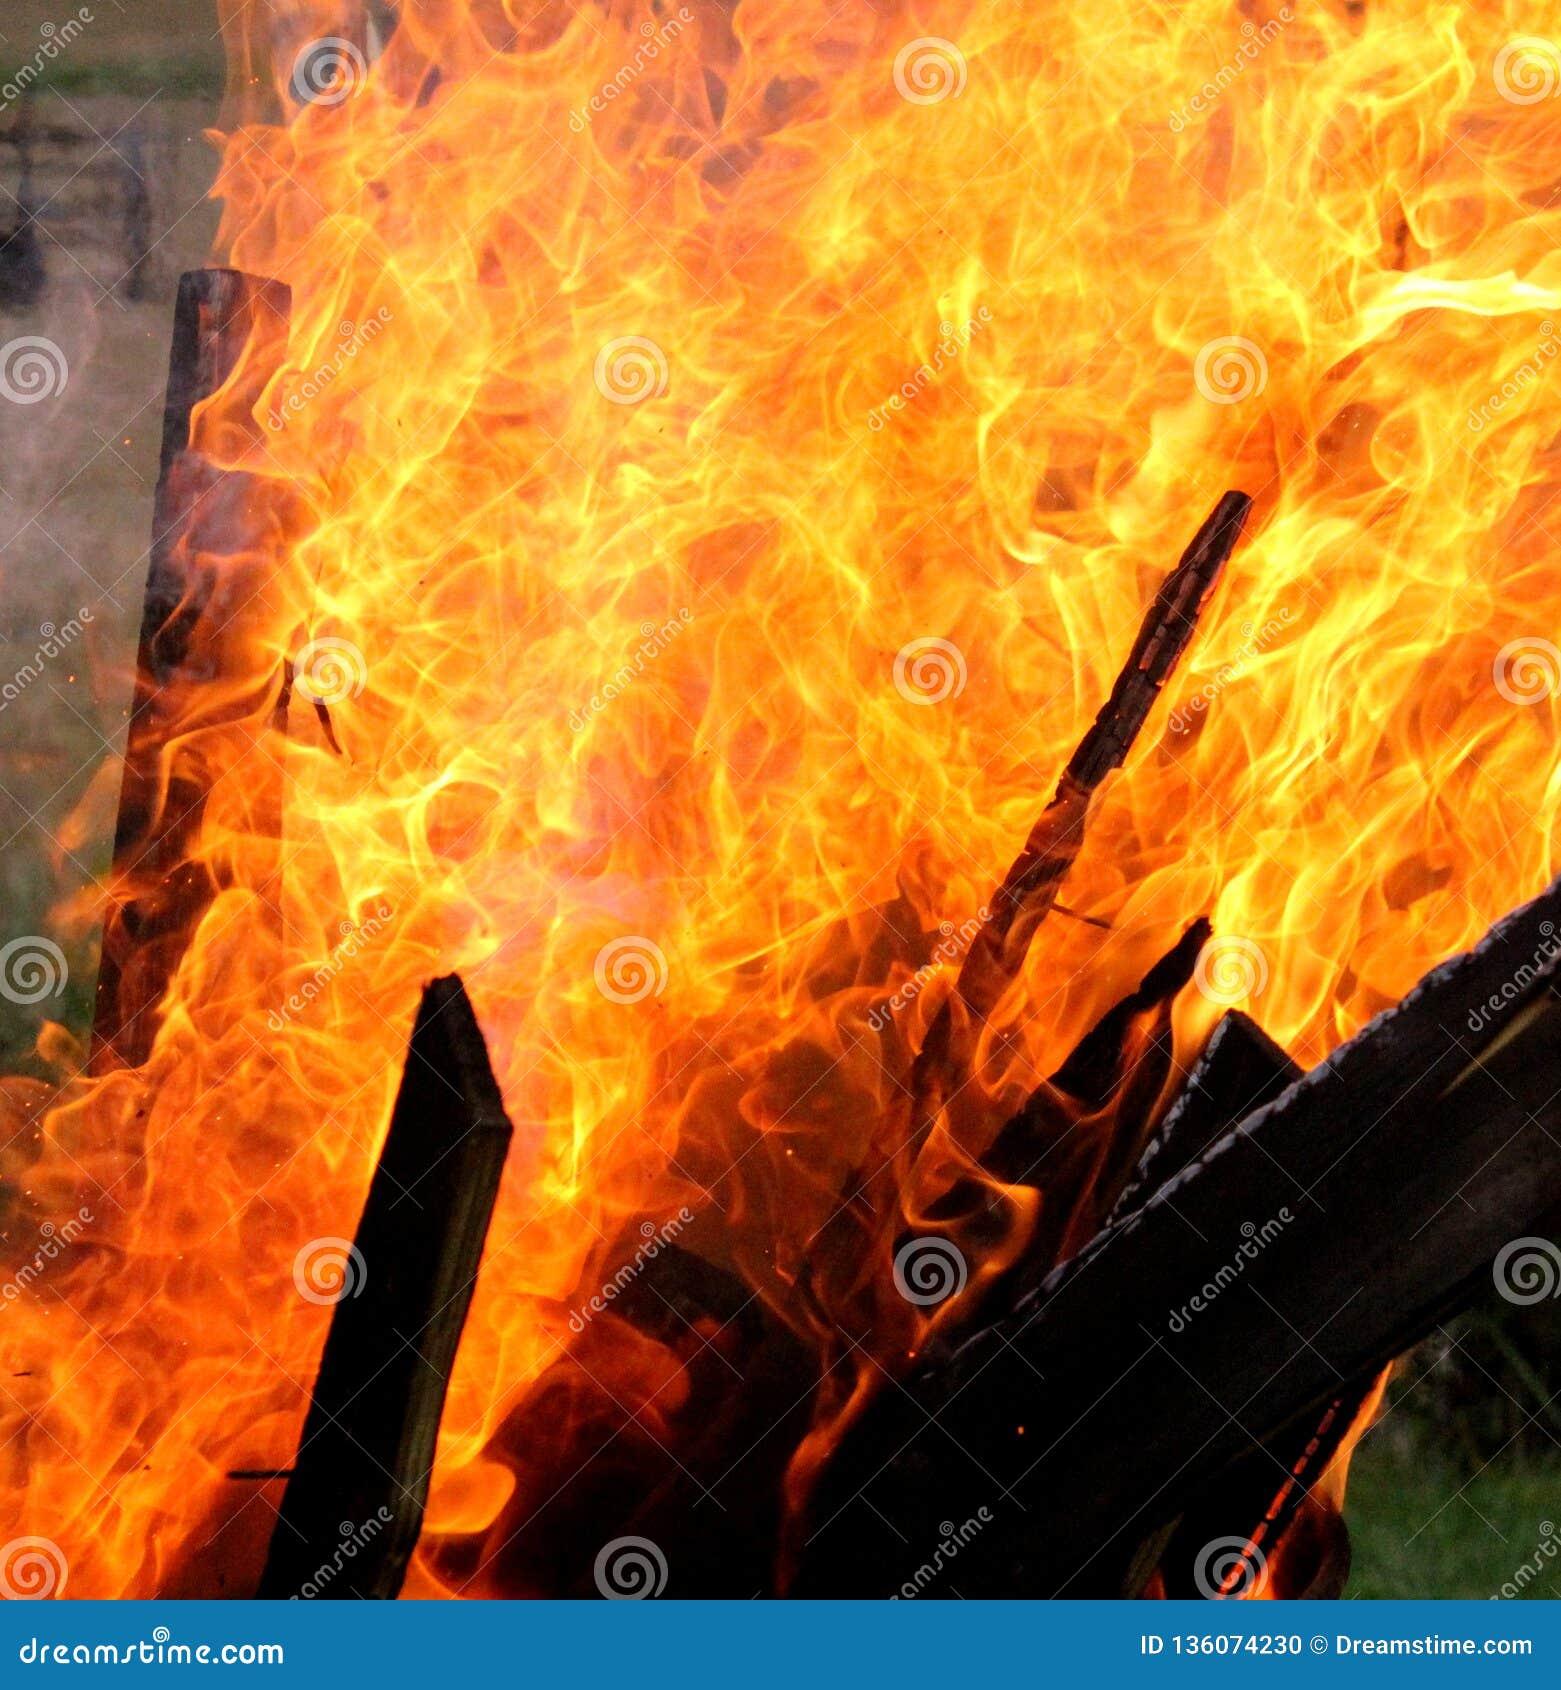 Papel de parede arborizado do fogo